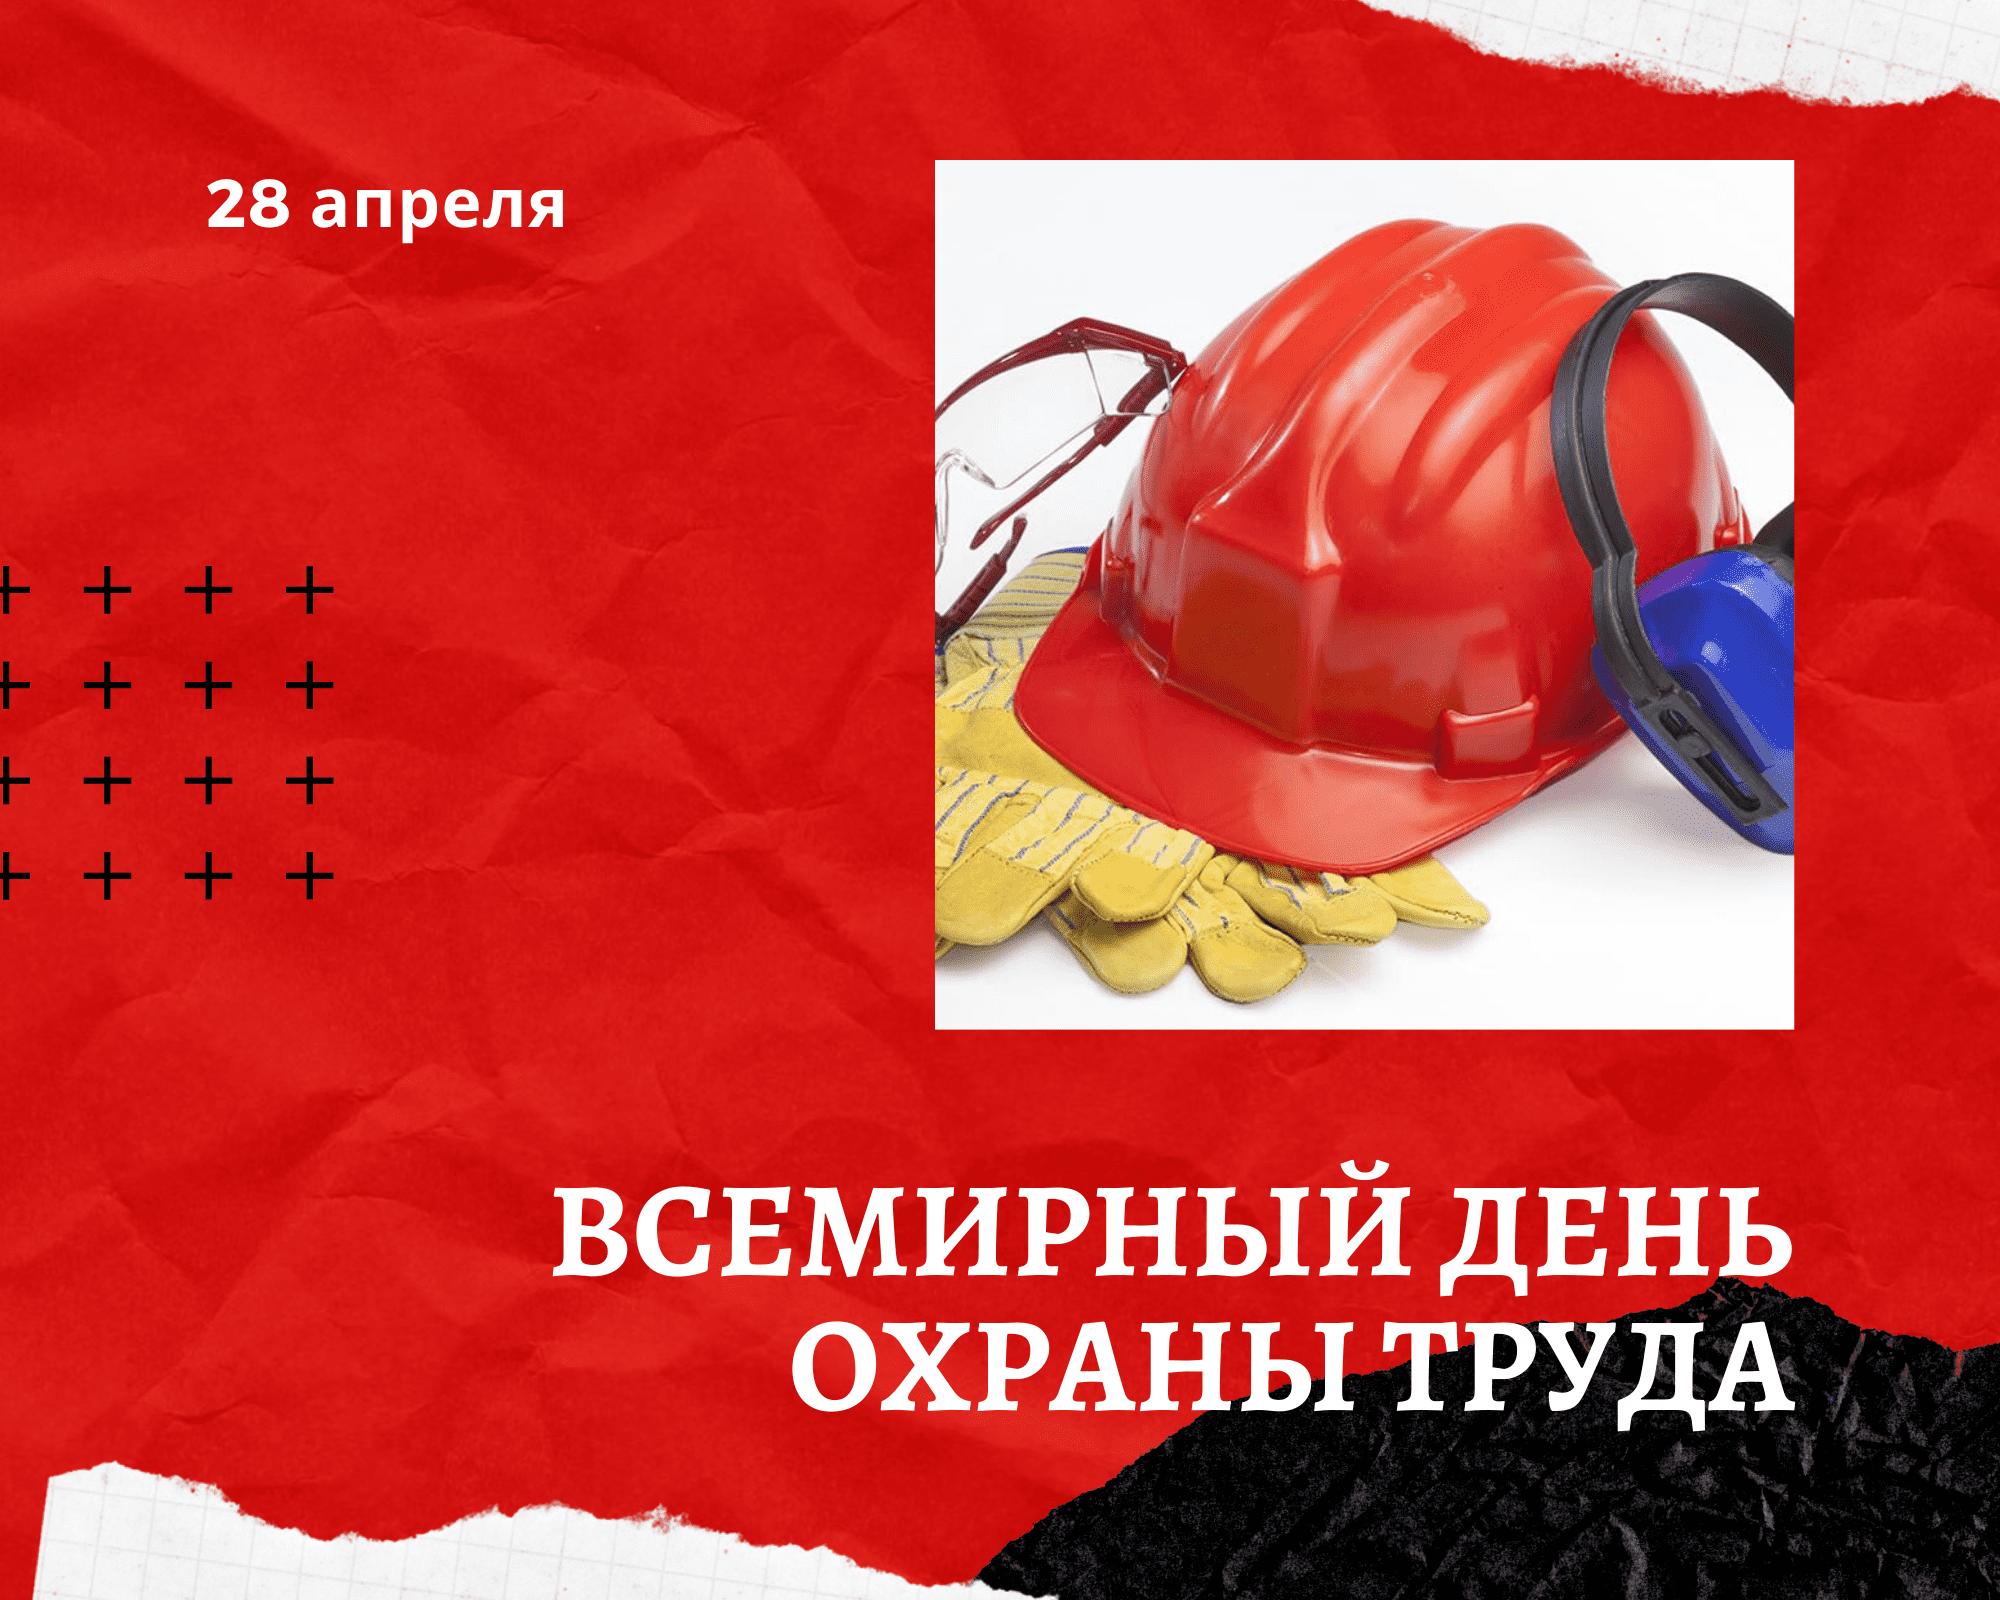 Всемирный день охраны труда. 28 апреля